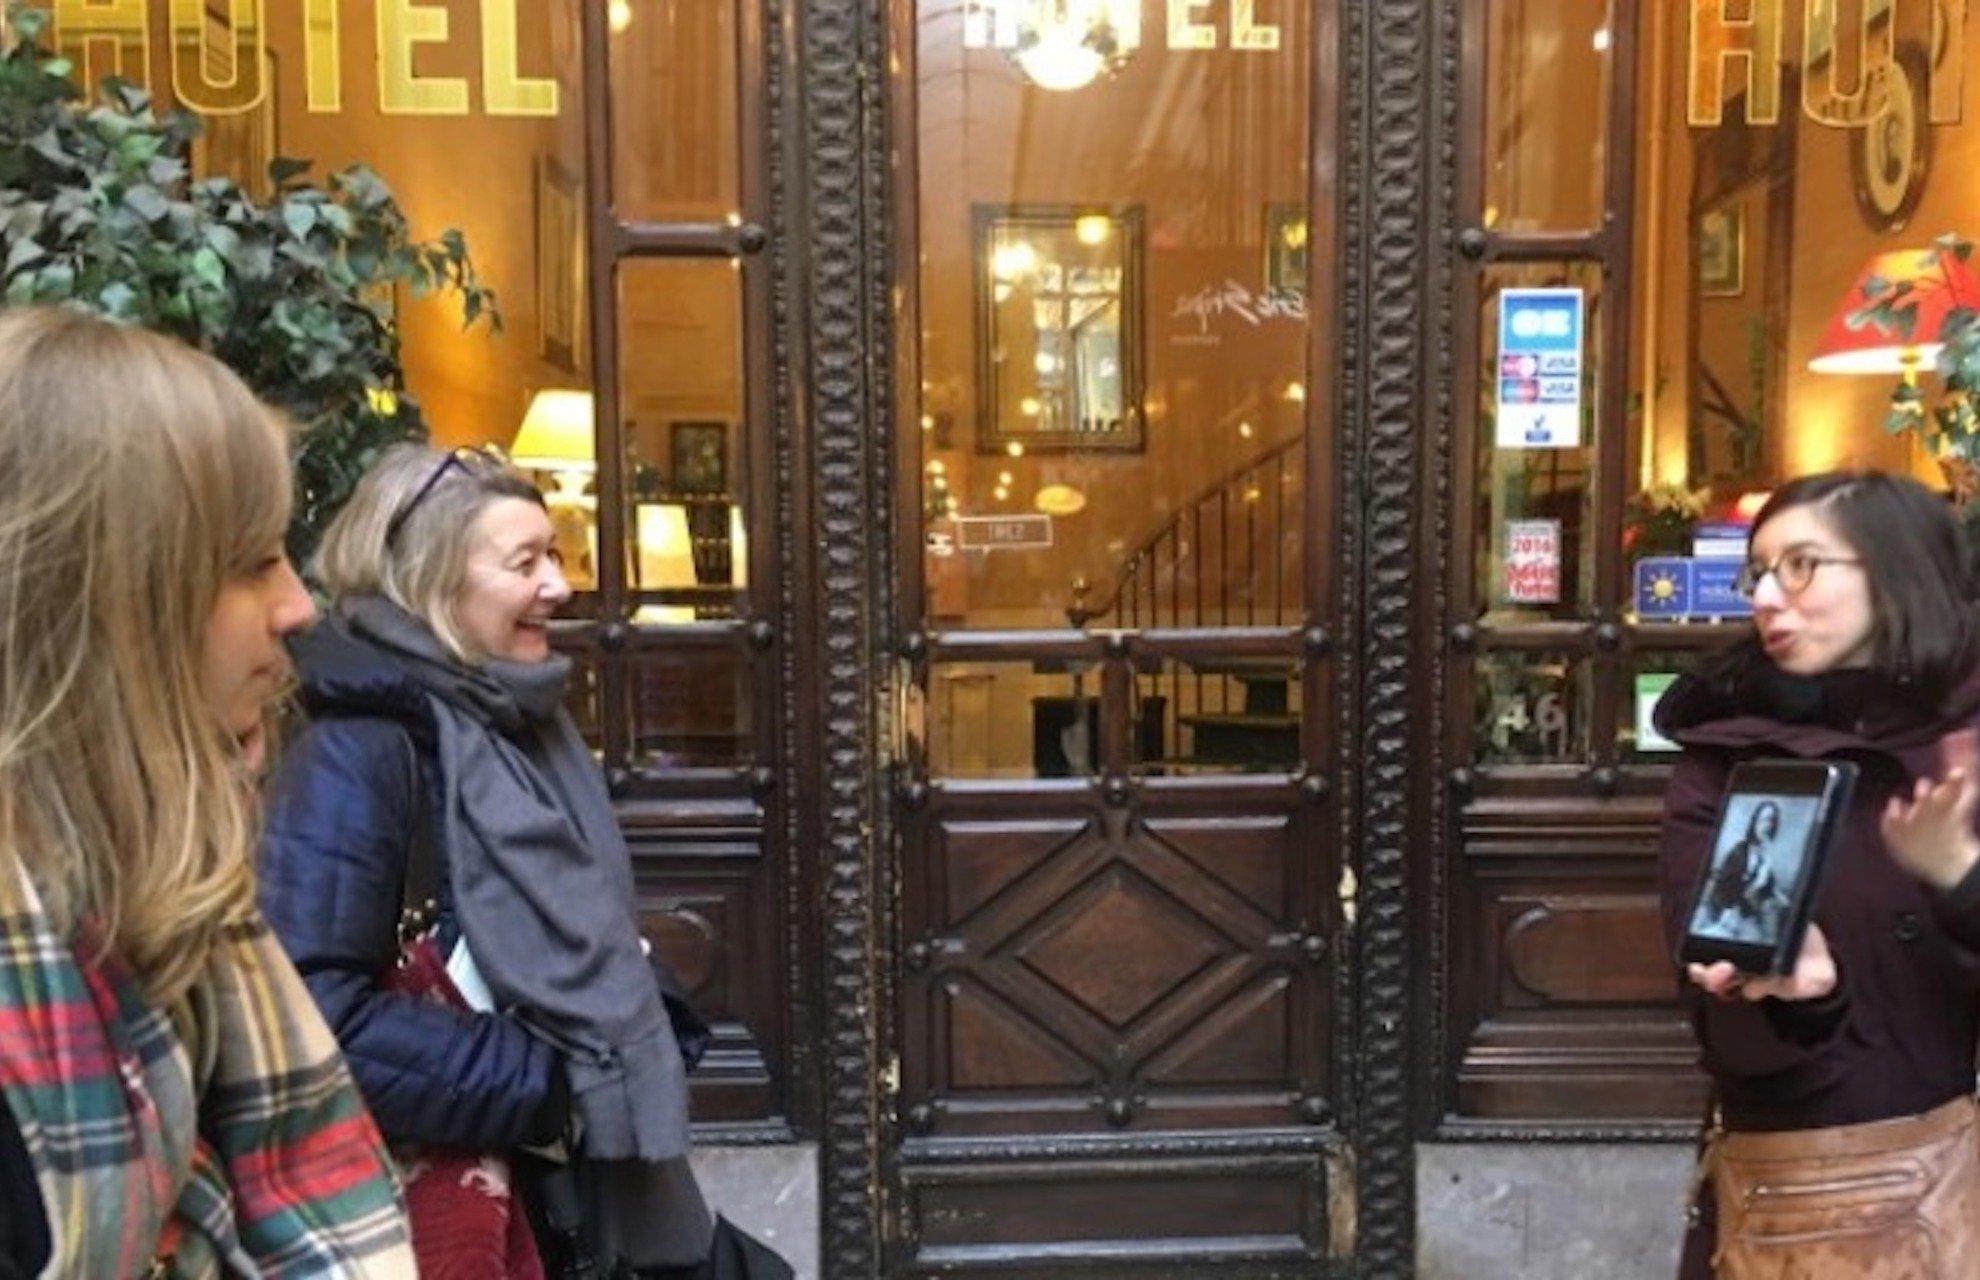 Scandalous Boudoirs and Courtesans: A Unique Paris Tour by Paris Perfect